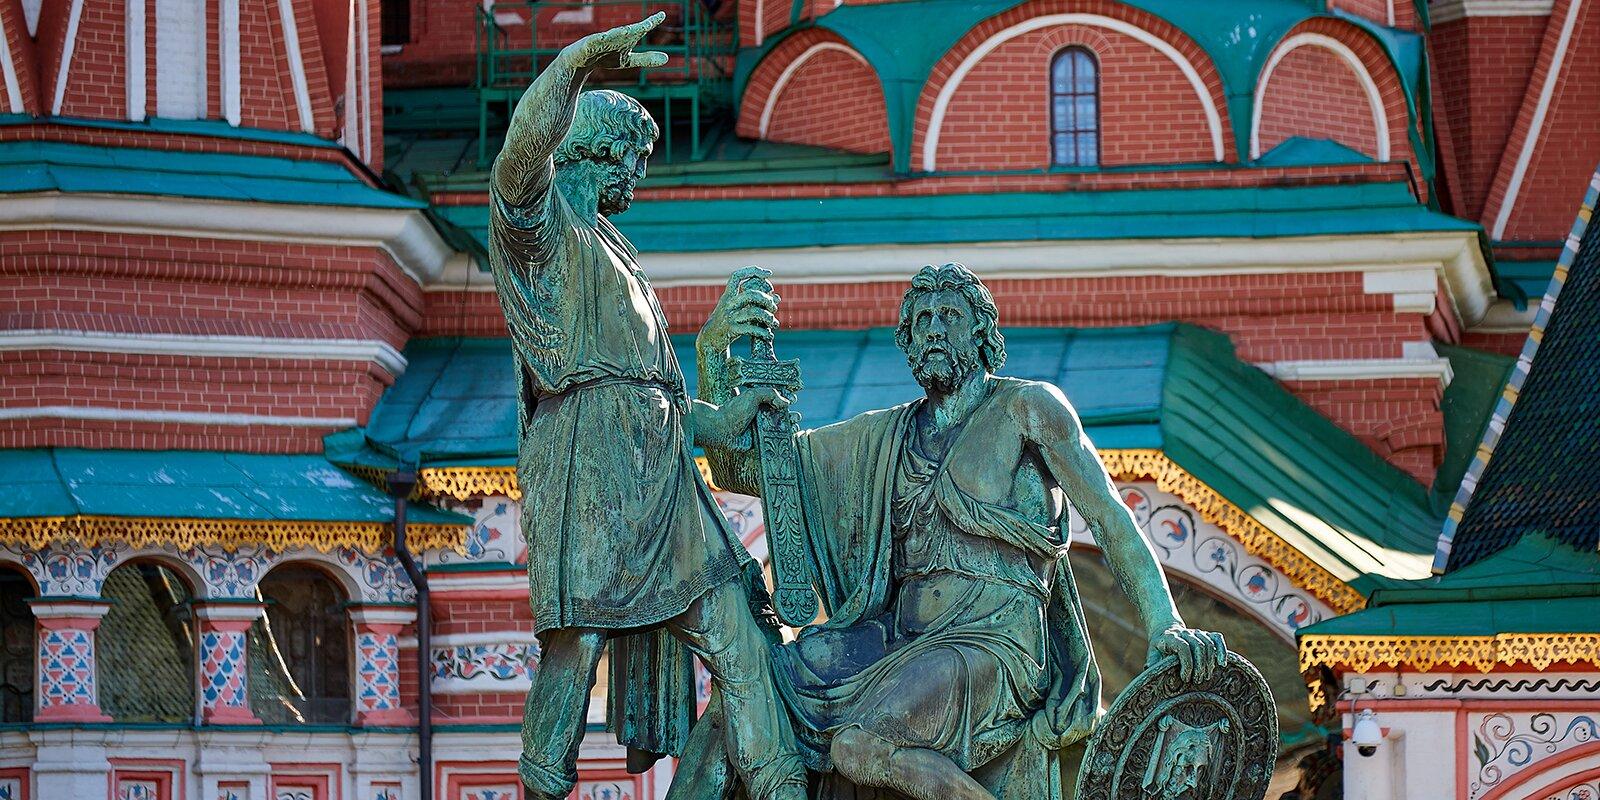 Памятник Минину и Пожарскому в Тверском районе демонтируют для реставрации. Фото: сайт мэра Москвы